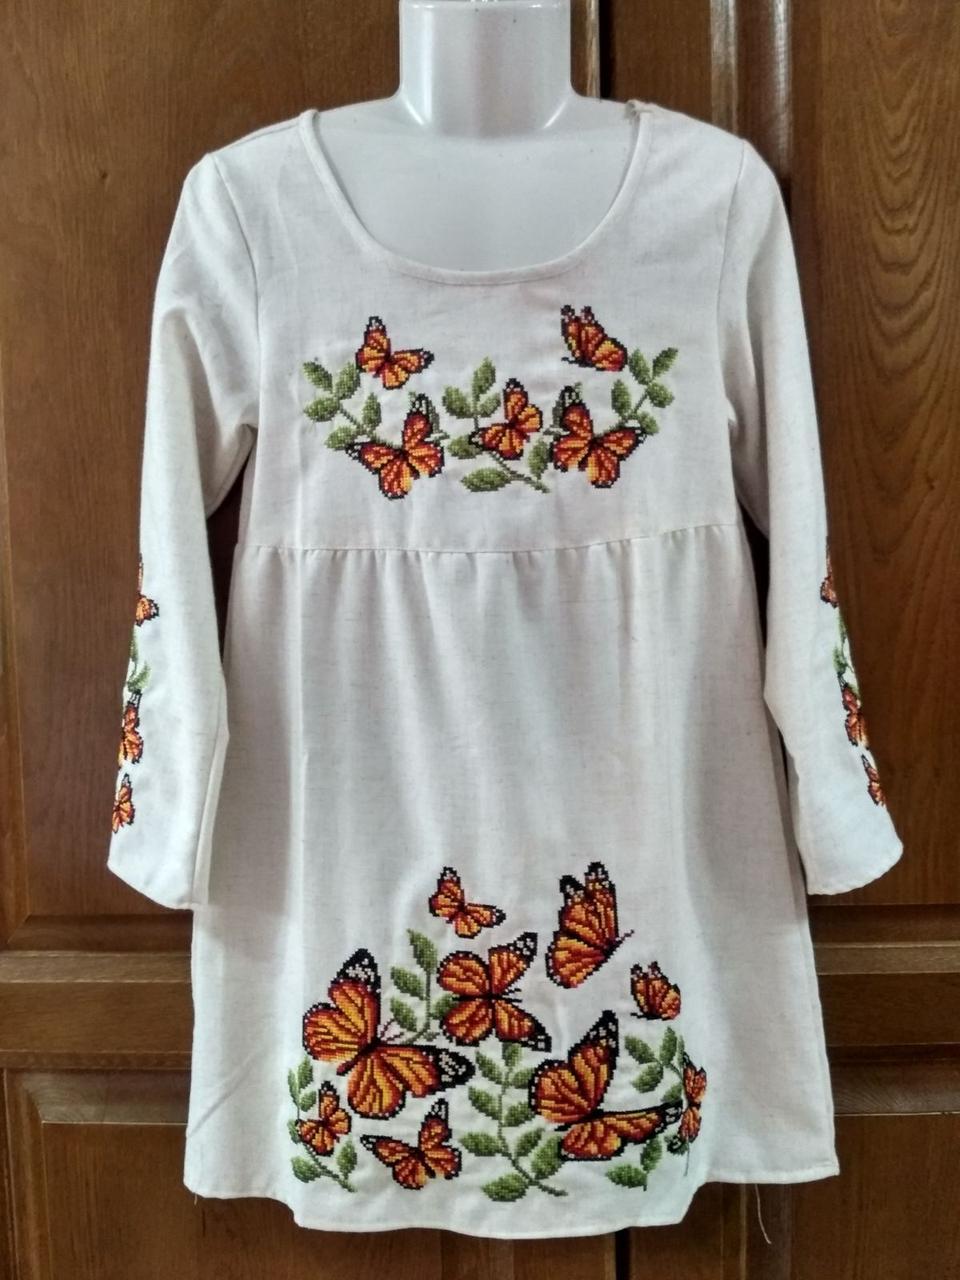 Вишита сукня для дівчинки Метелики лляна тканина зріст 134 см